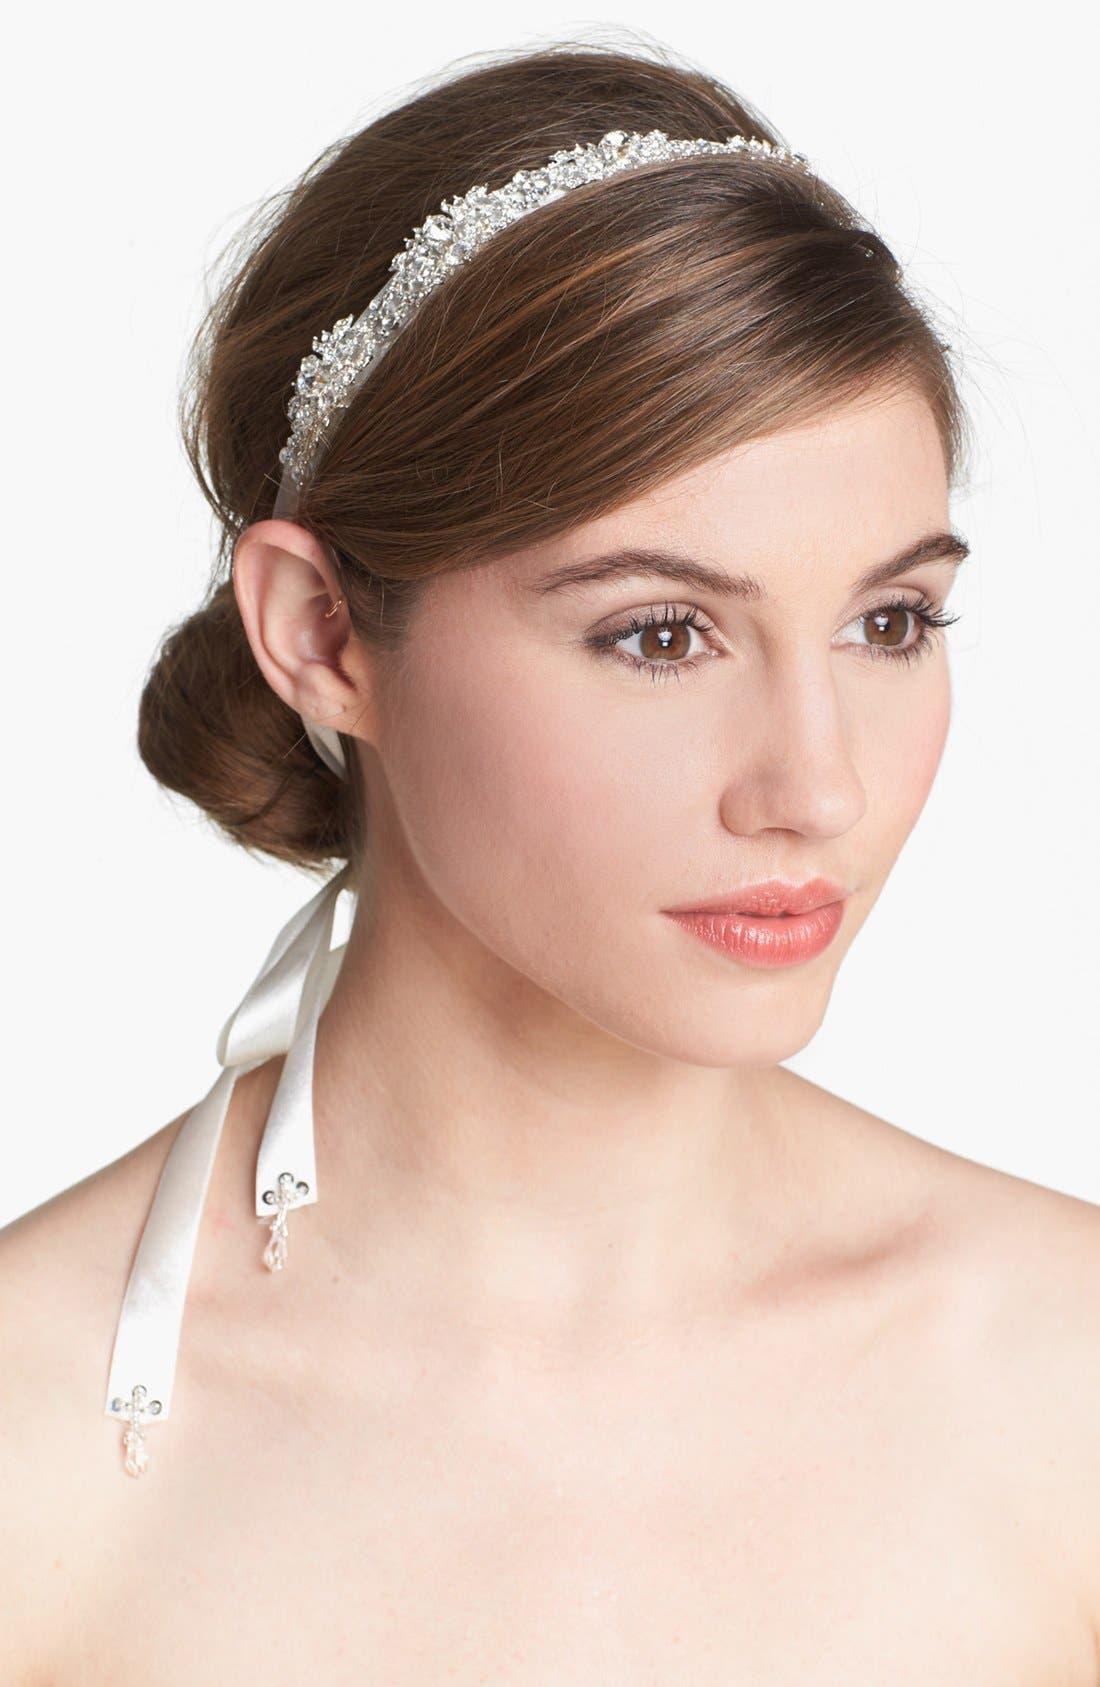 'Serena' Head Wrap,                         Main,                         color, Silver/ Crystal